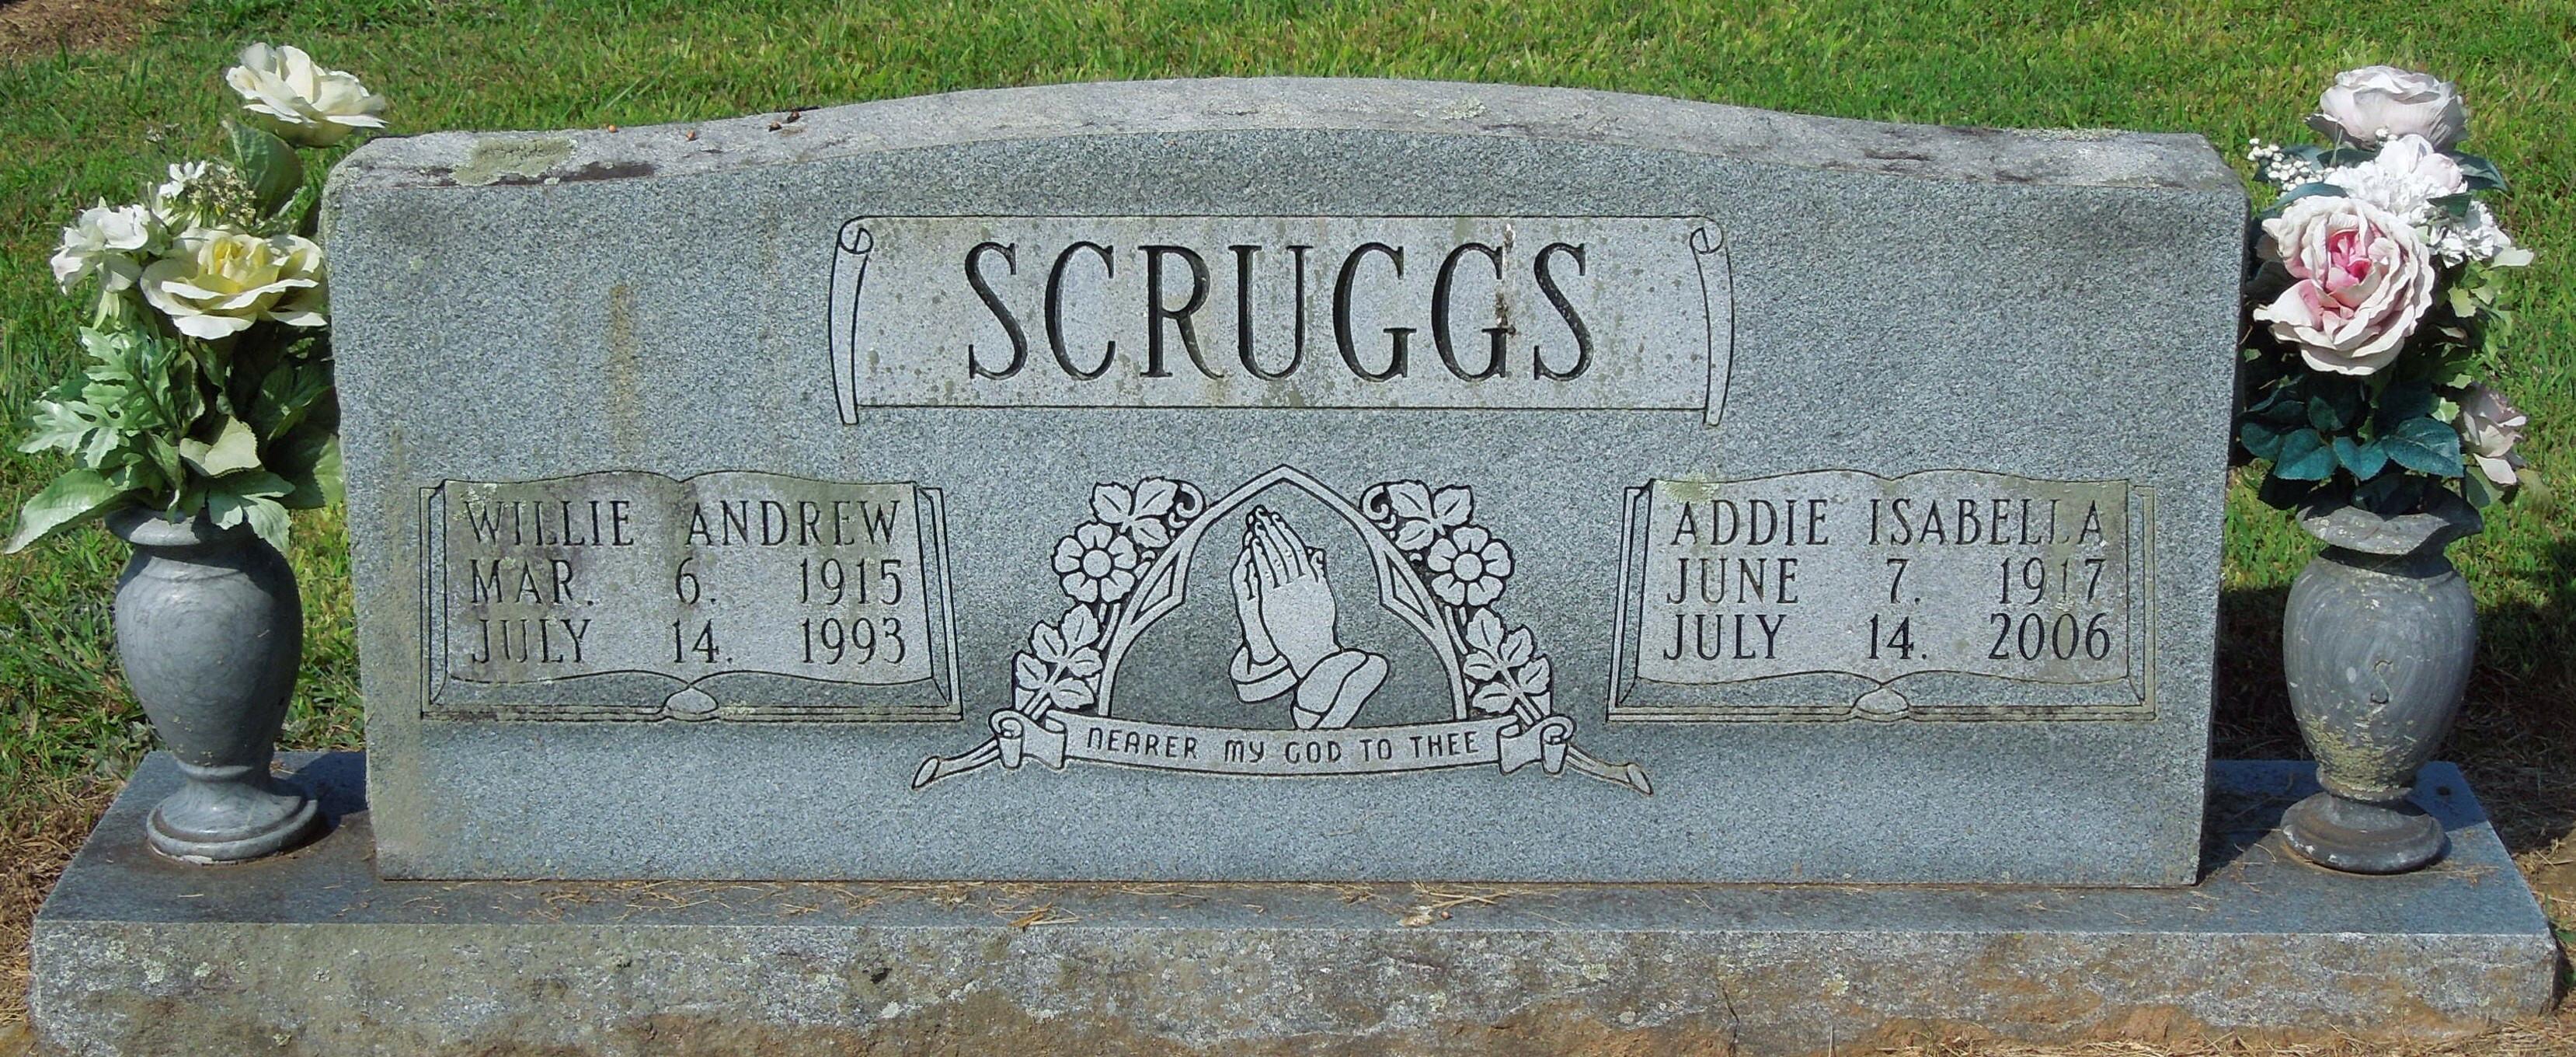 Andrew Jackson Scruggs